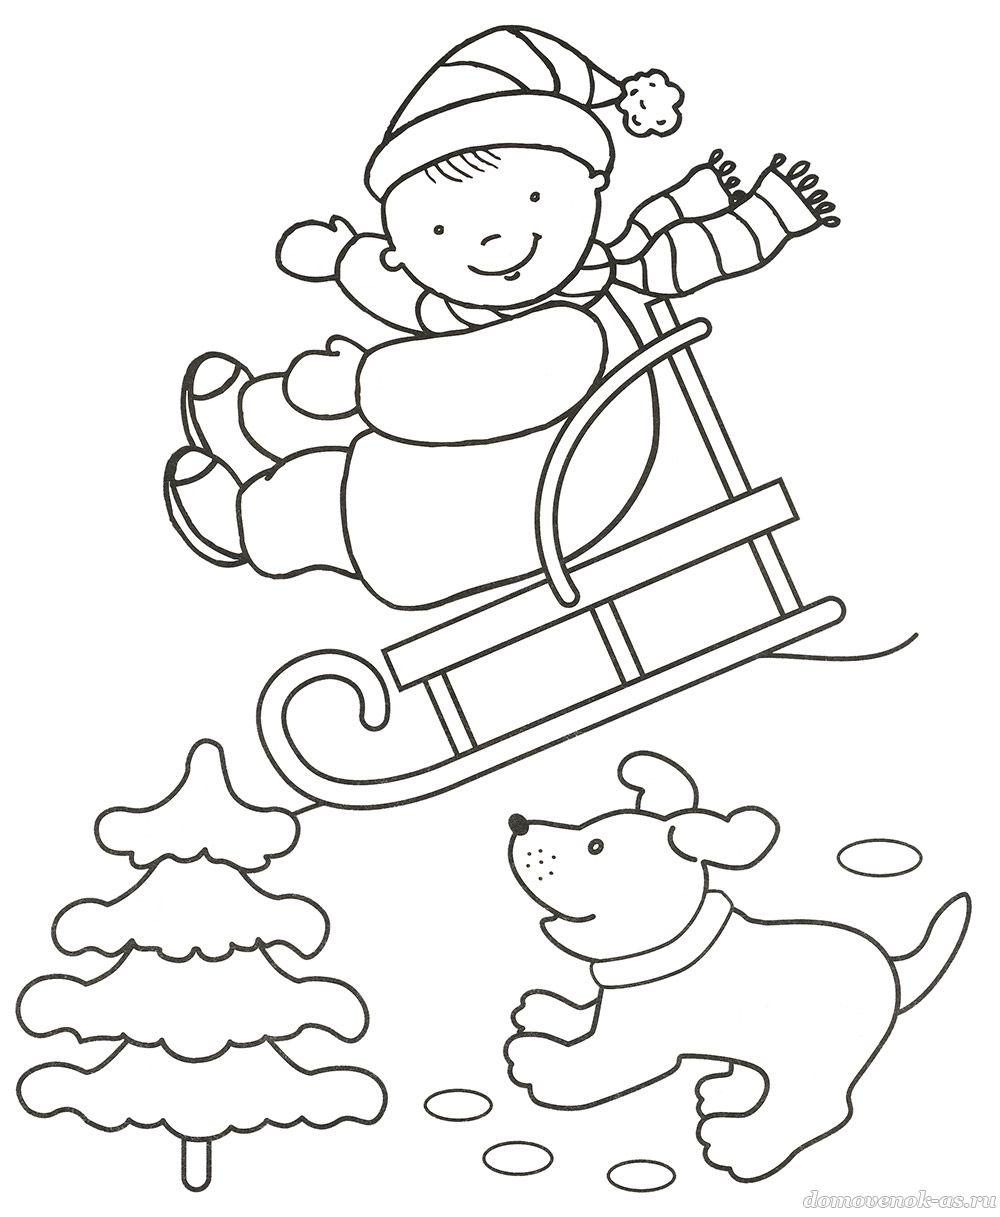 Зимняя раскраска для детей 4-6 лет